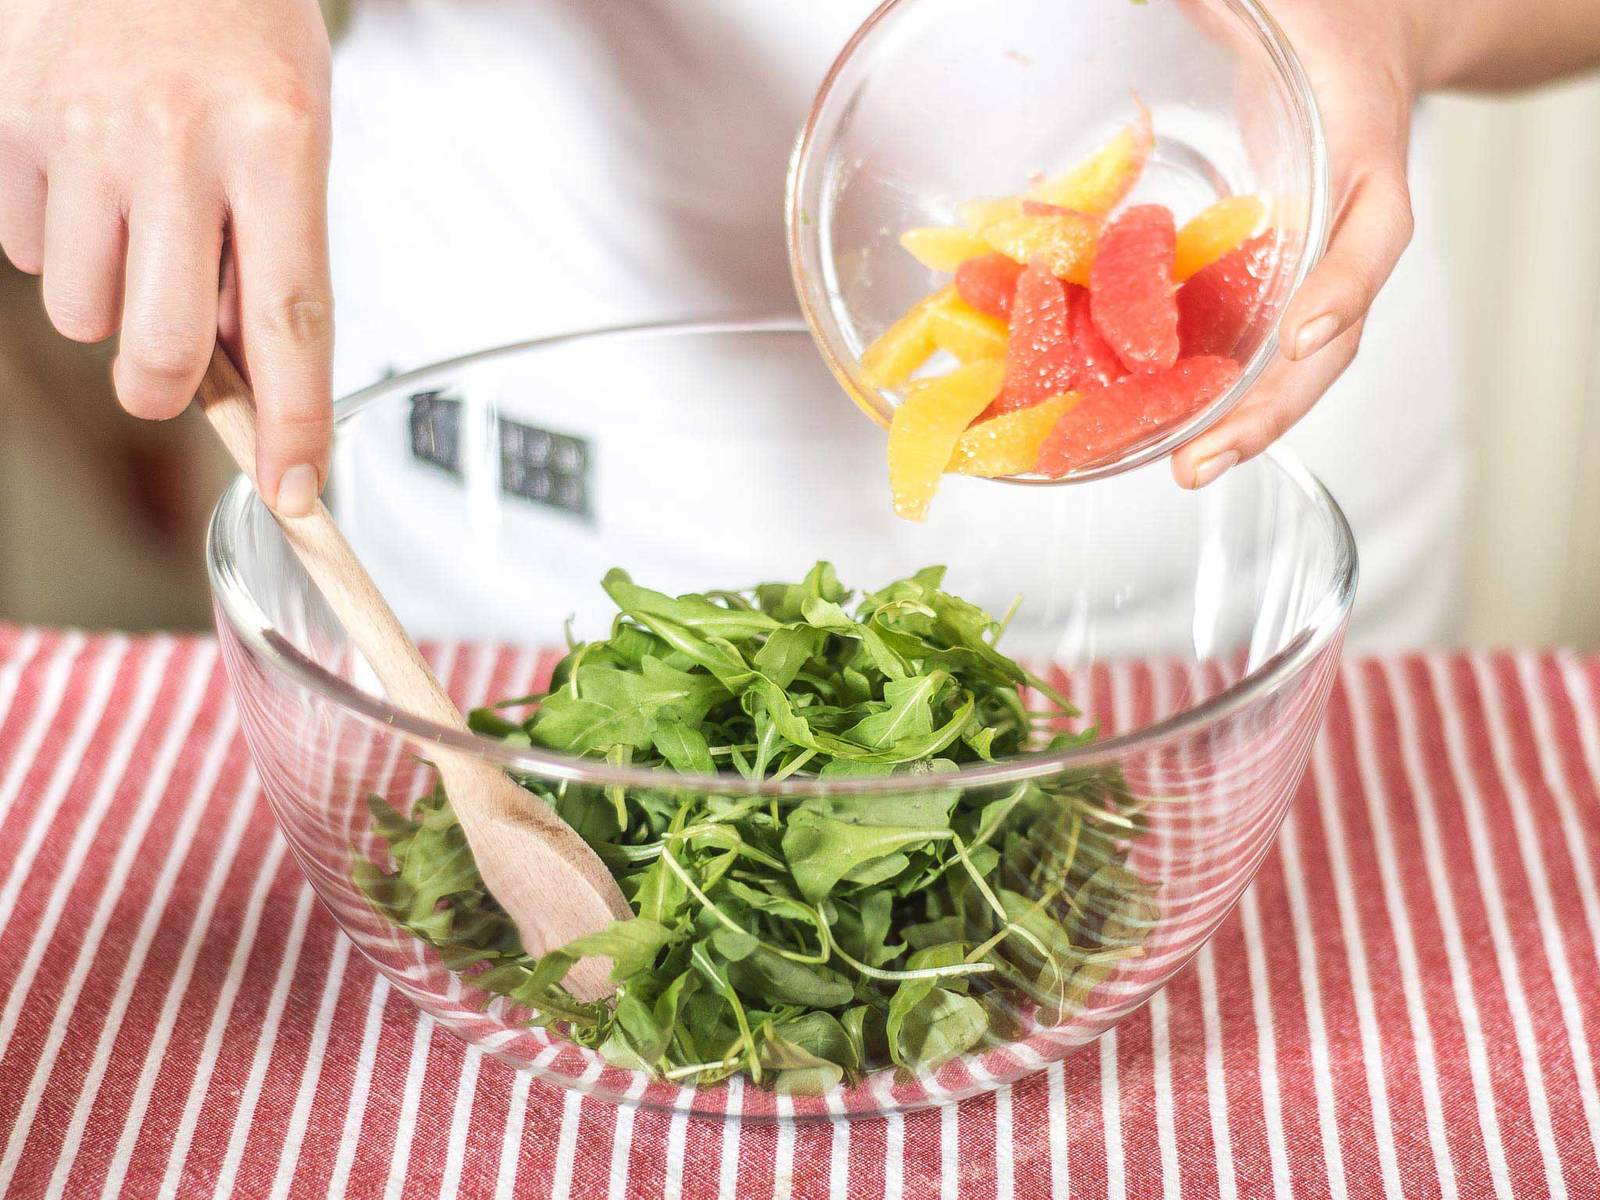 将切好的果肉、芝麻菜与调味轻轻地搅拌均匀后盛盘,上面摆放鳄梨片,撒少许盐与胡椒粉,最后放入坚果酱即可享用。